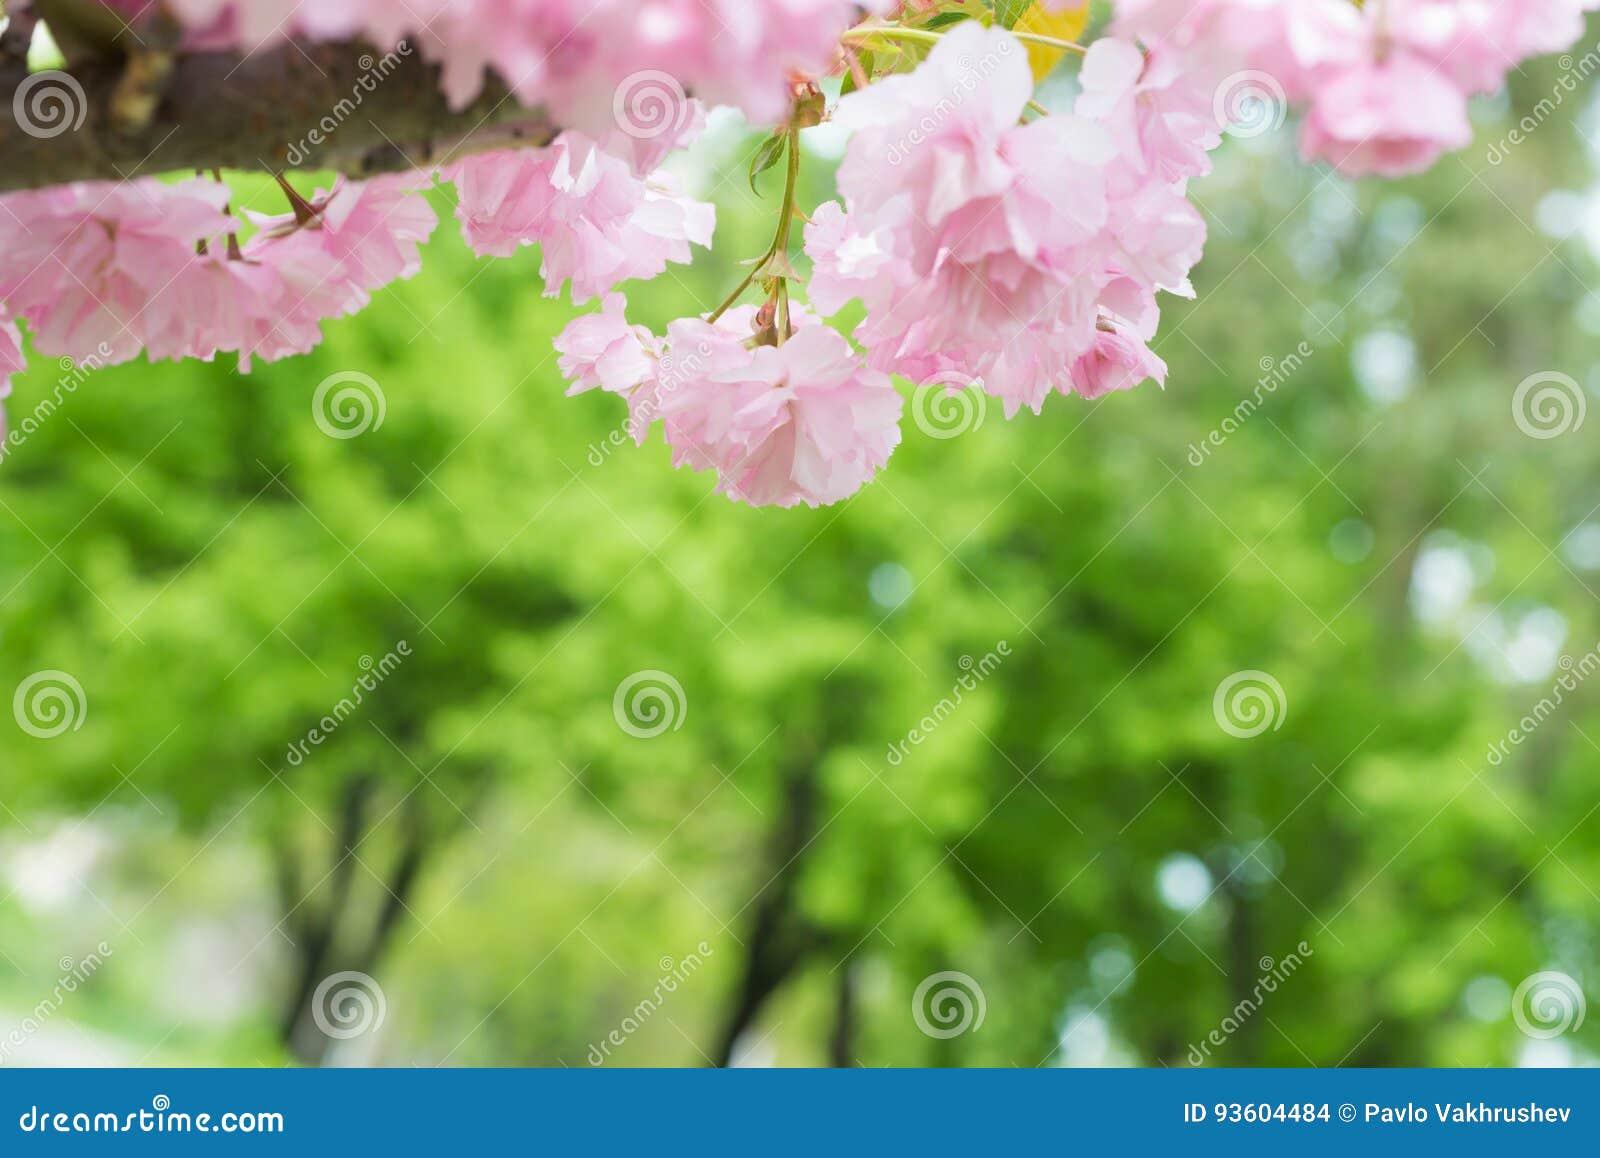 Pink sakura flowers on a spring cherry tree